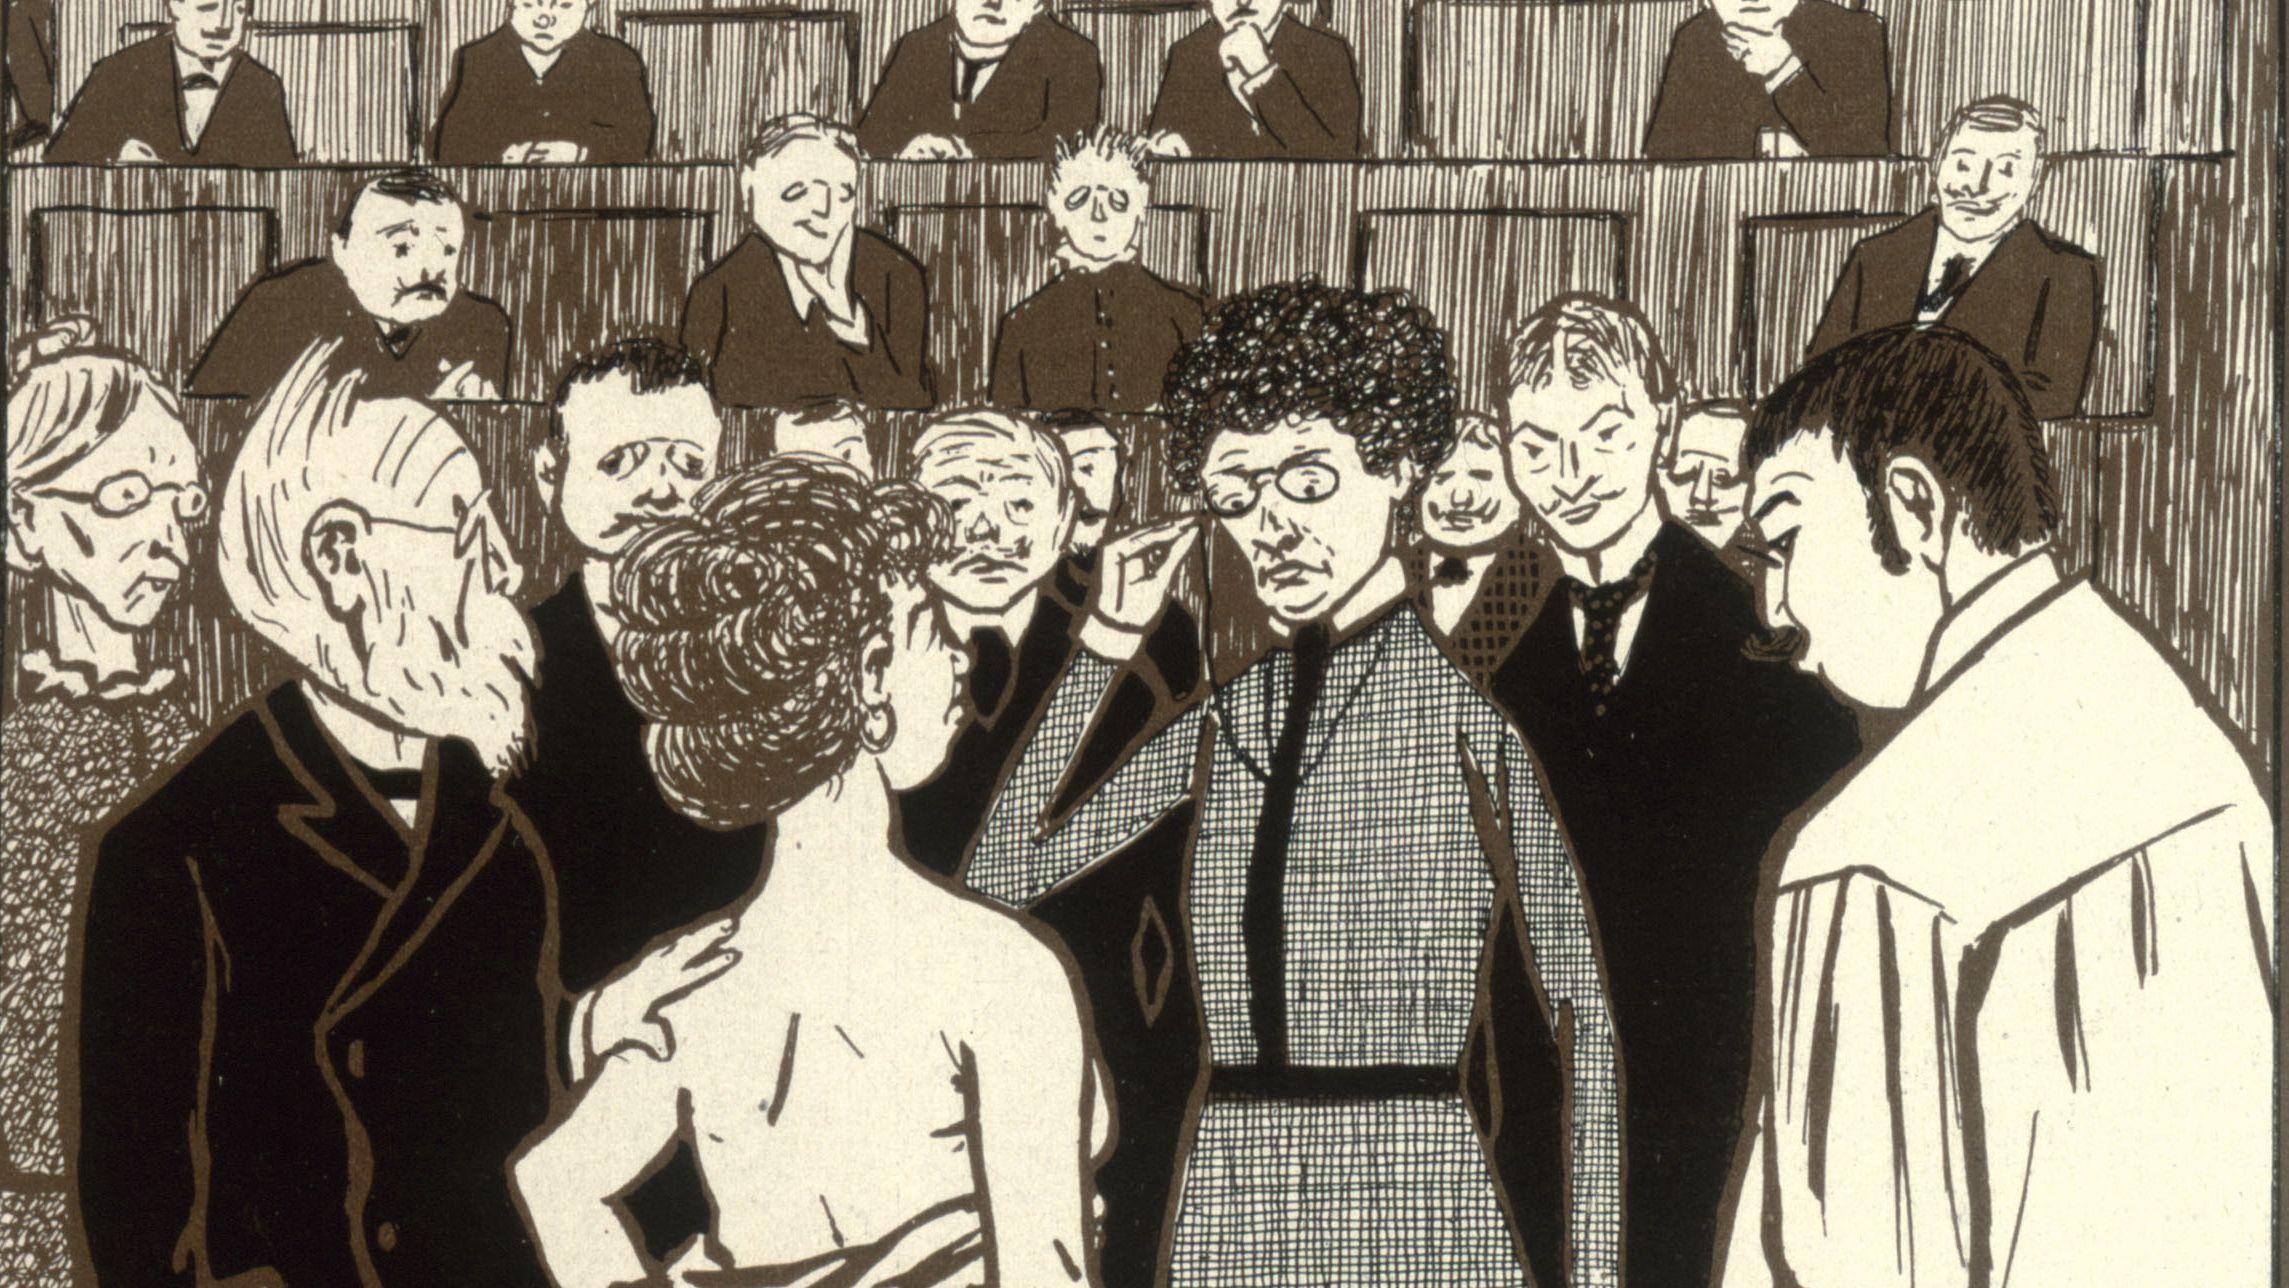 Frauenstudium? Karikatur von Th. Th. Heine